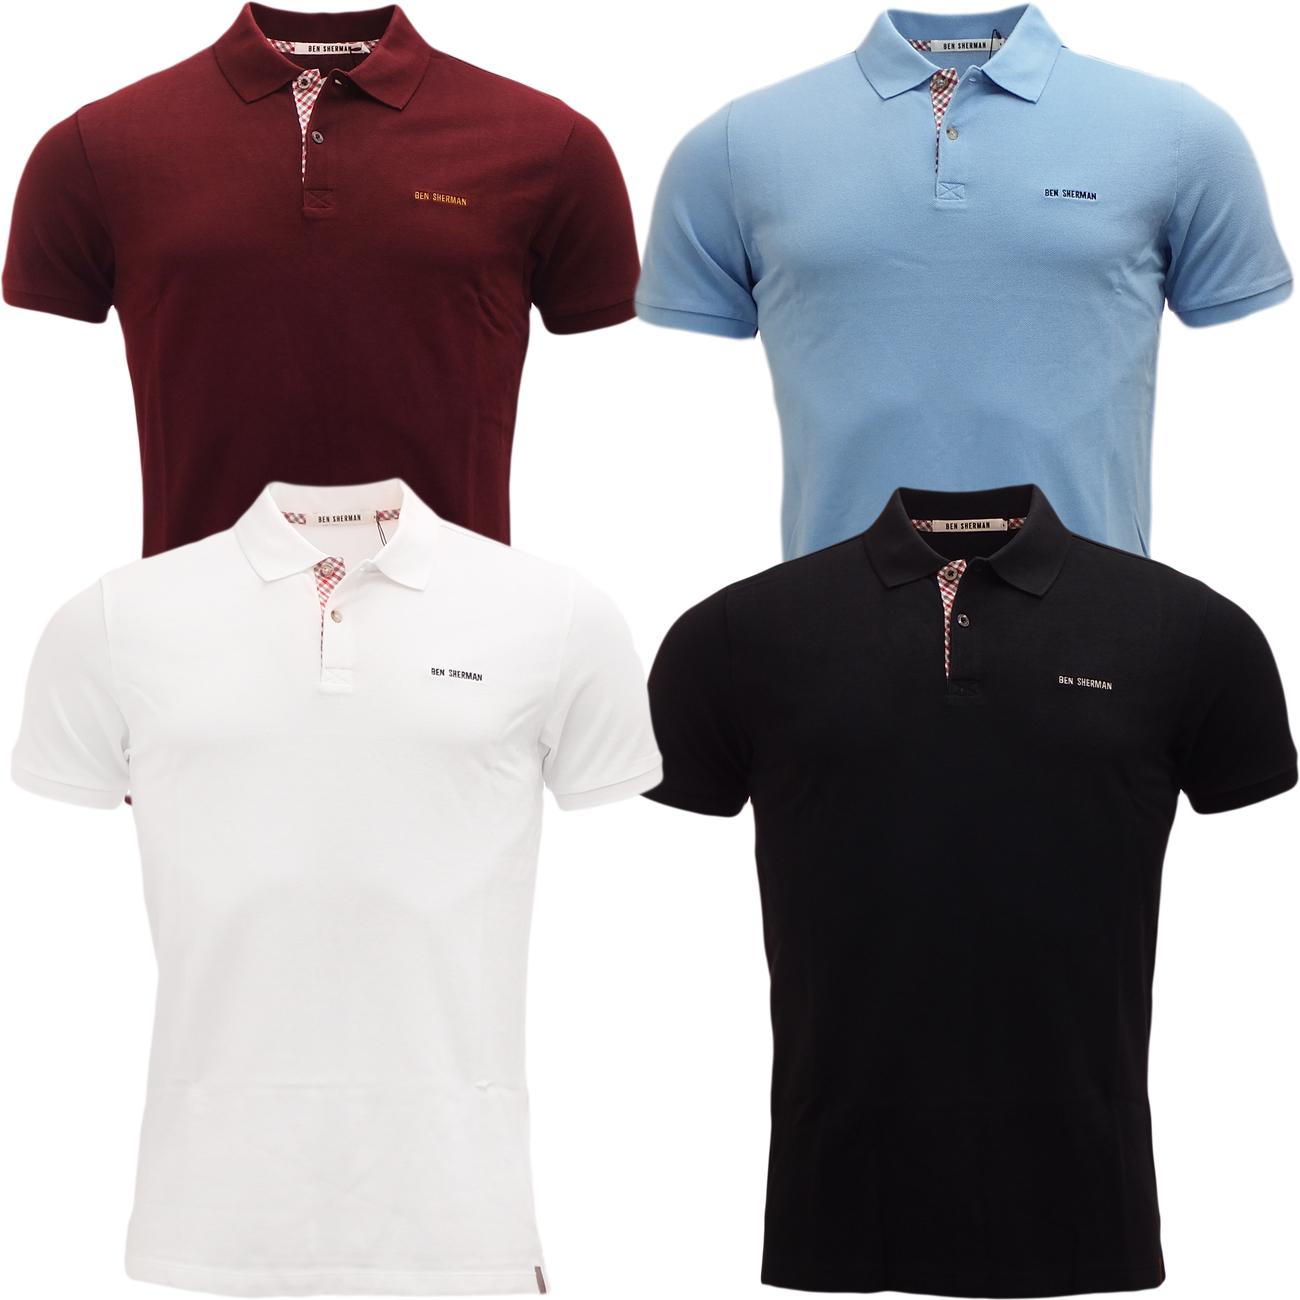 Mens polos ben sherman polo shirt short sleeve plain pique for Xxl mens polo shirts